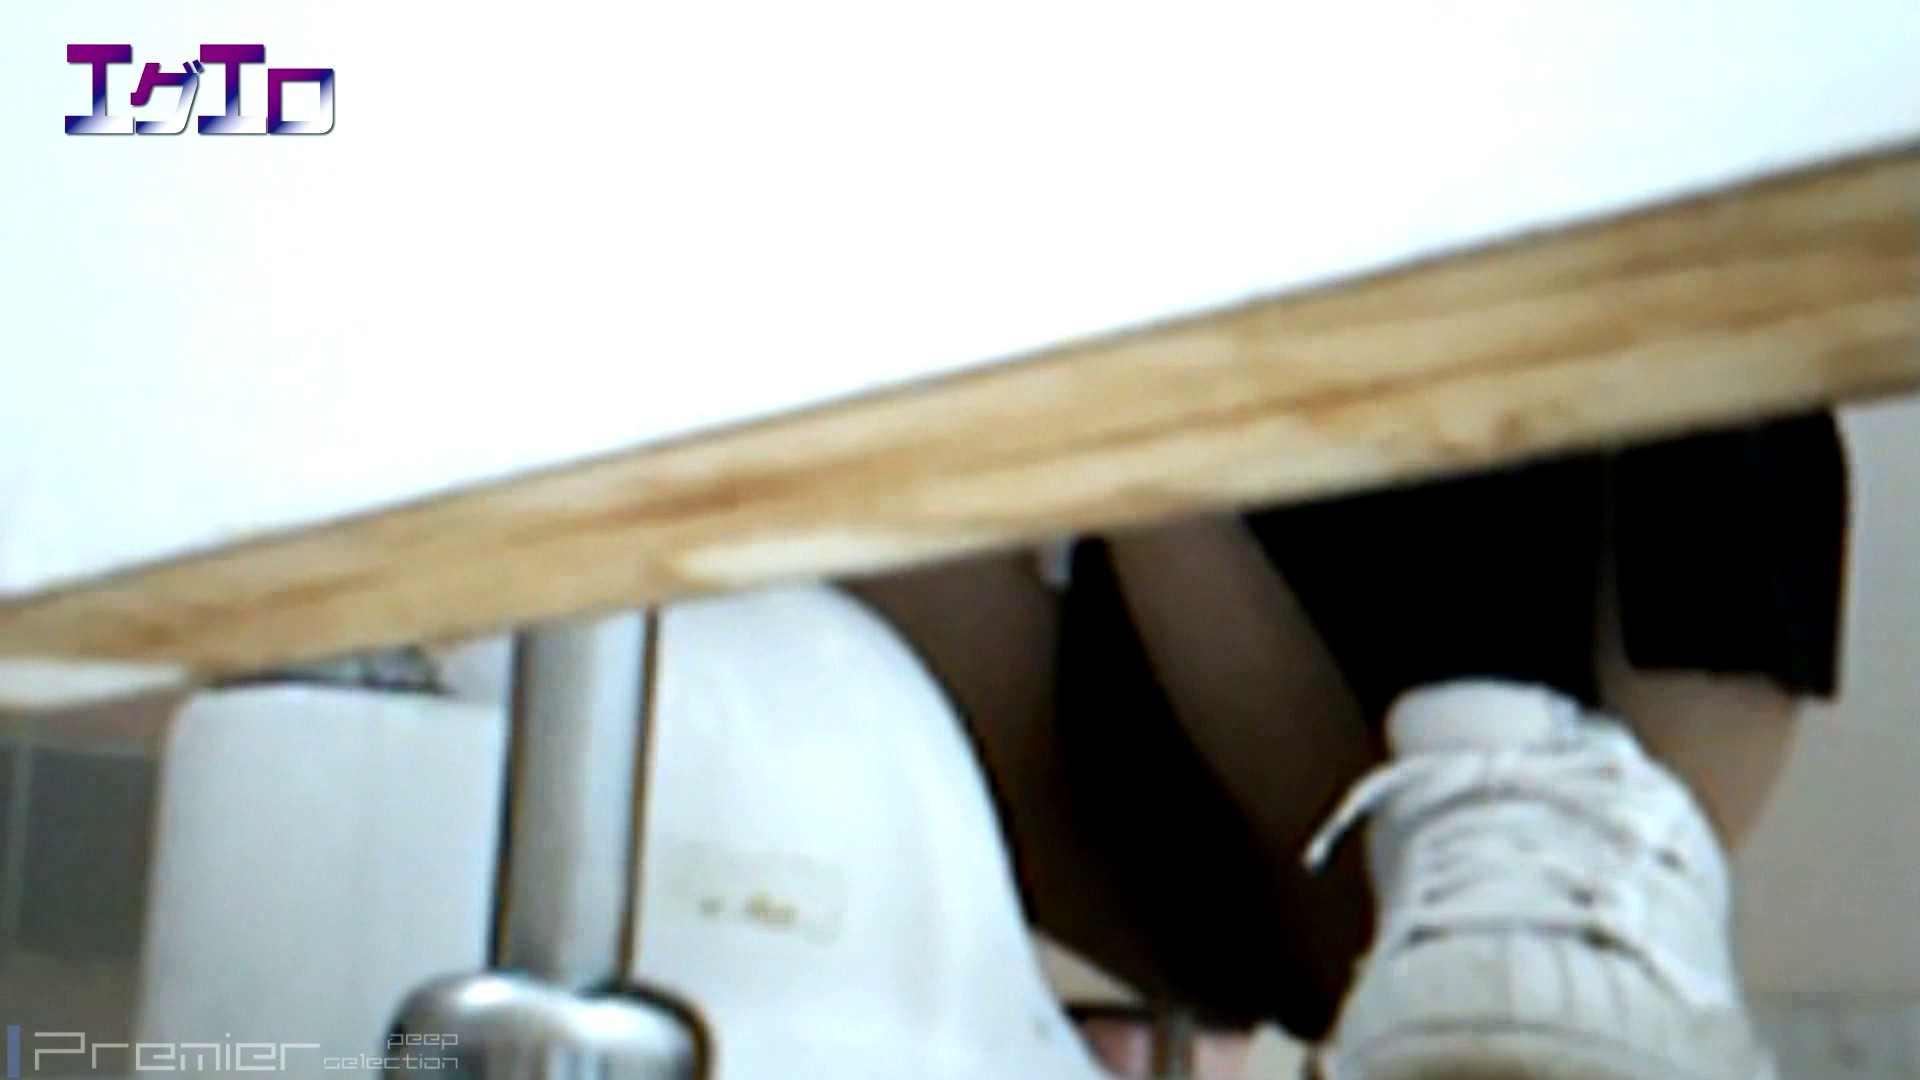 至近距離洗面所 Vol.10ブルージーンズギャルの大放nyo ギャルハメ撮り  20Pix 9